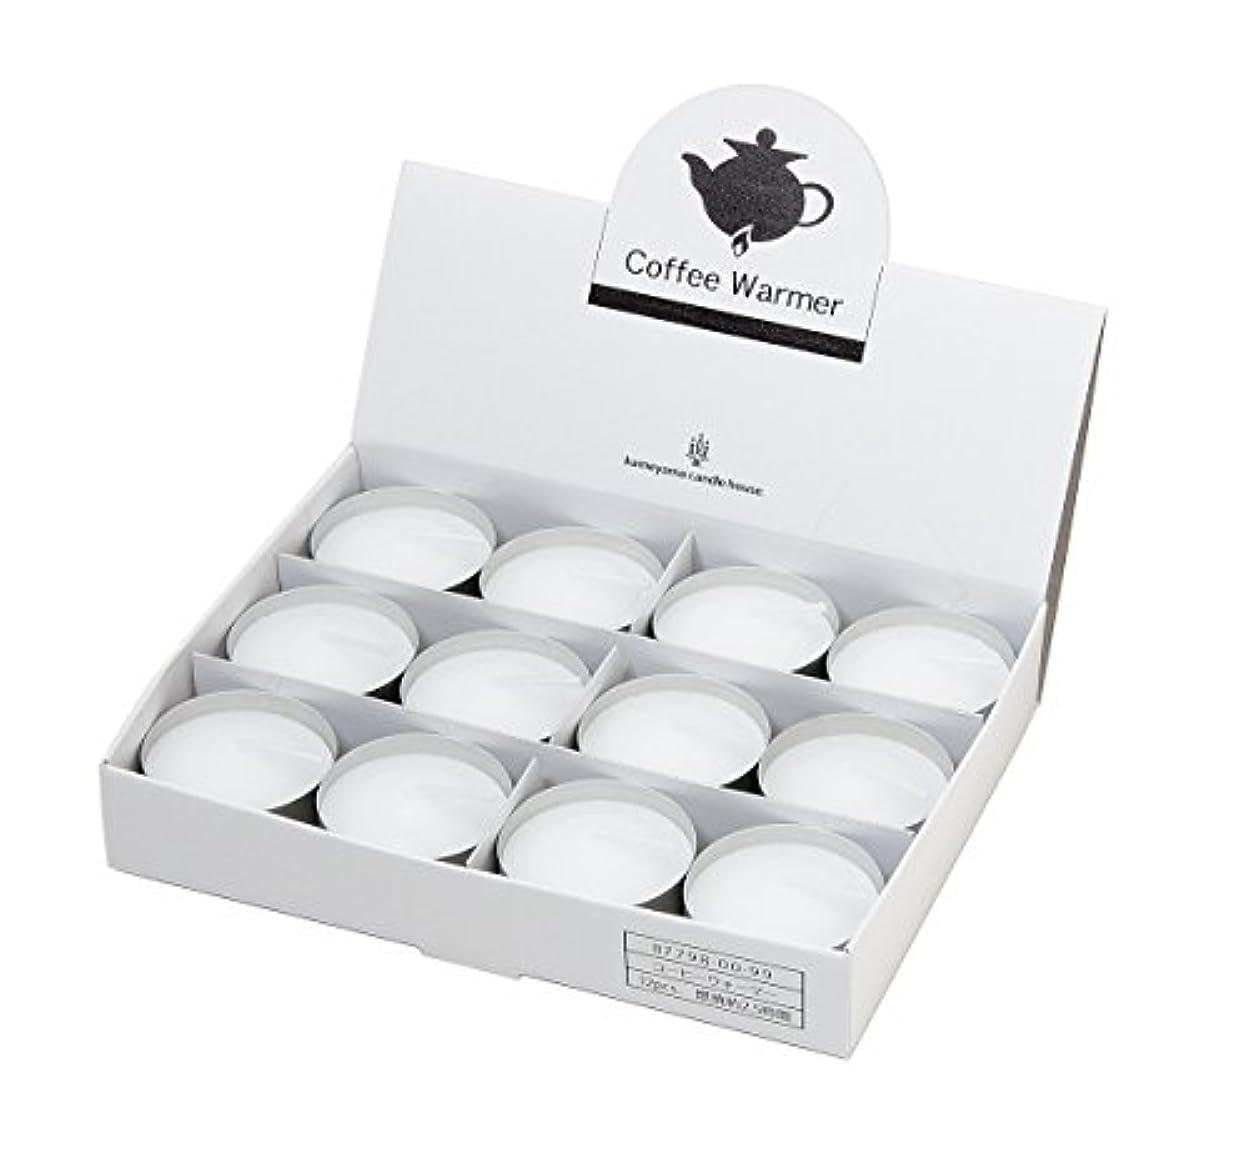 ホテルニュース開示するカメヤマキャンドルハウス チョコレートフォンデュなどにもおすすめ 大きめ炎で保温できる コーヒーウォーマーキャンドル(1箱12個入) 燃焼時間約2時間30分